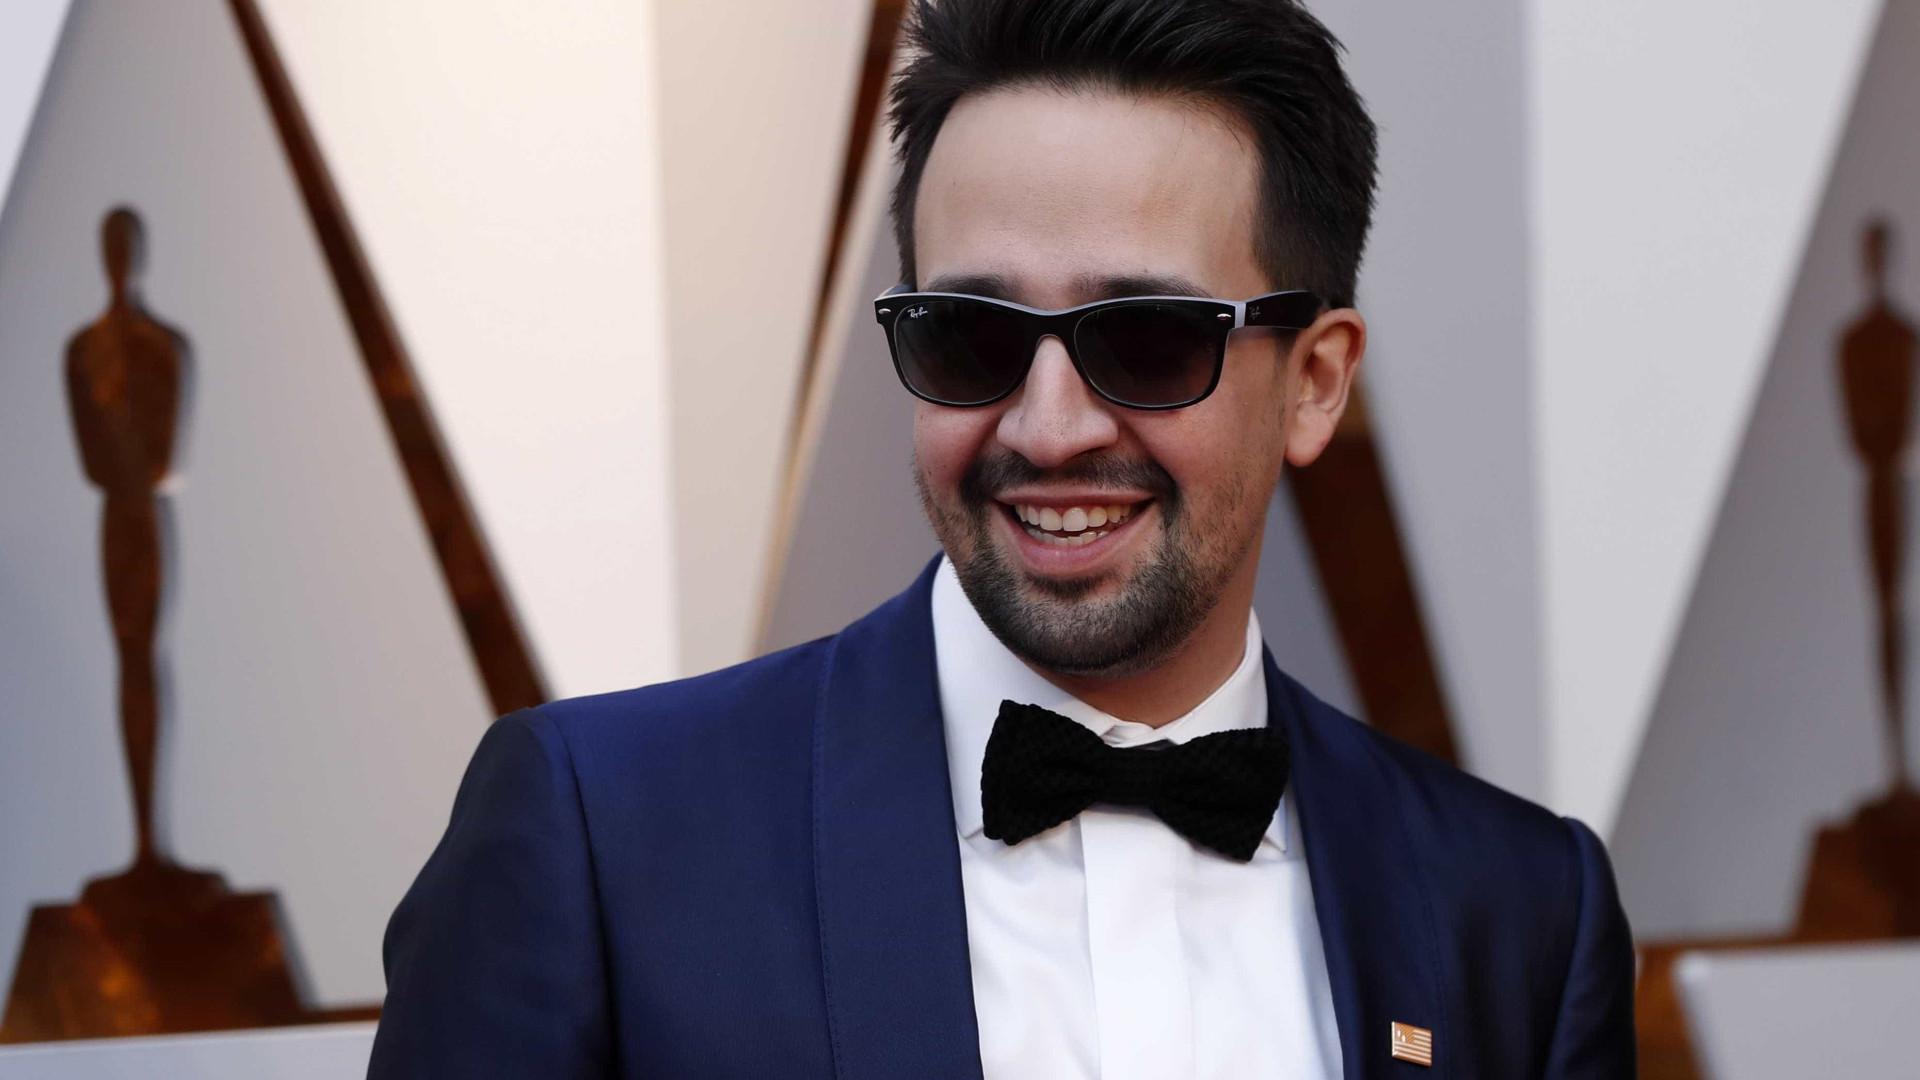 Criador do musical 'Hamilton' vai dirigir filme 'Tick, Tick... Boom!'